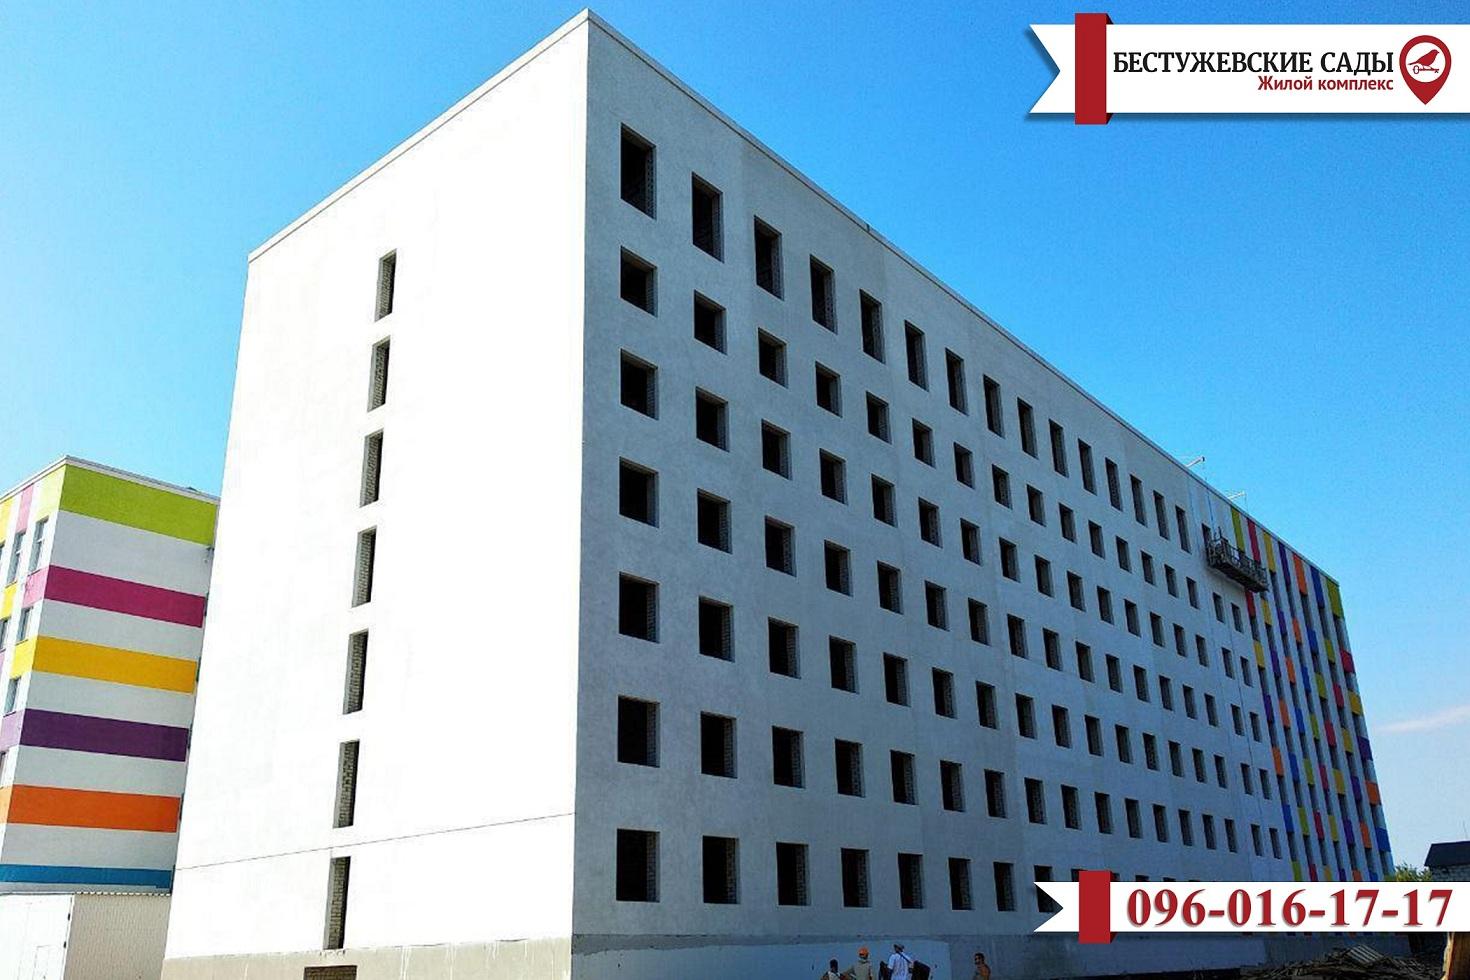 Со строительной площадки передали новости, касающиеся возведения ЖК «Бестужевские Сады»